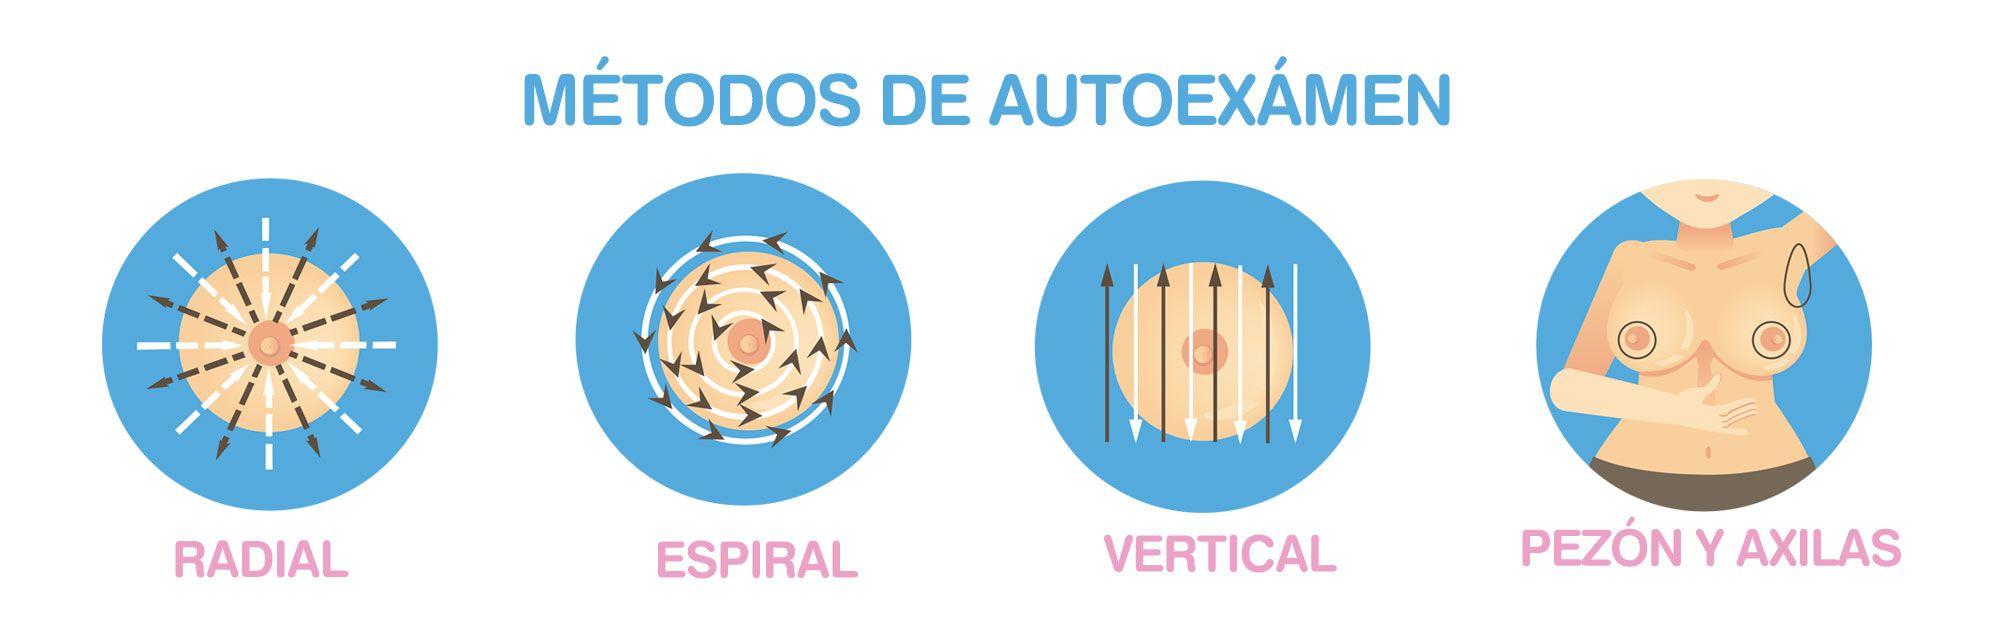 métodos autoexploración mamaria